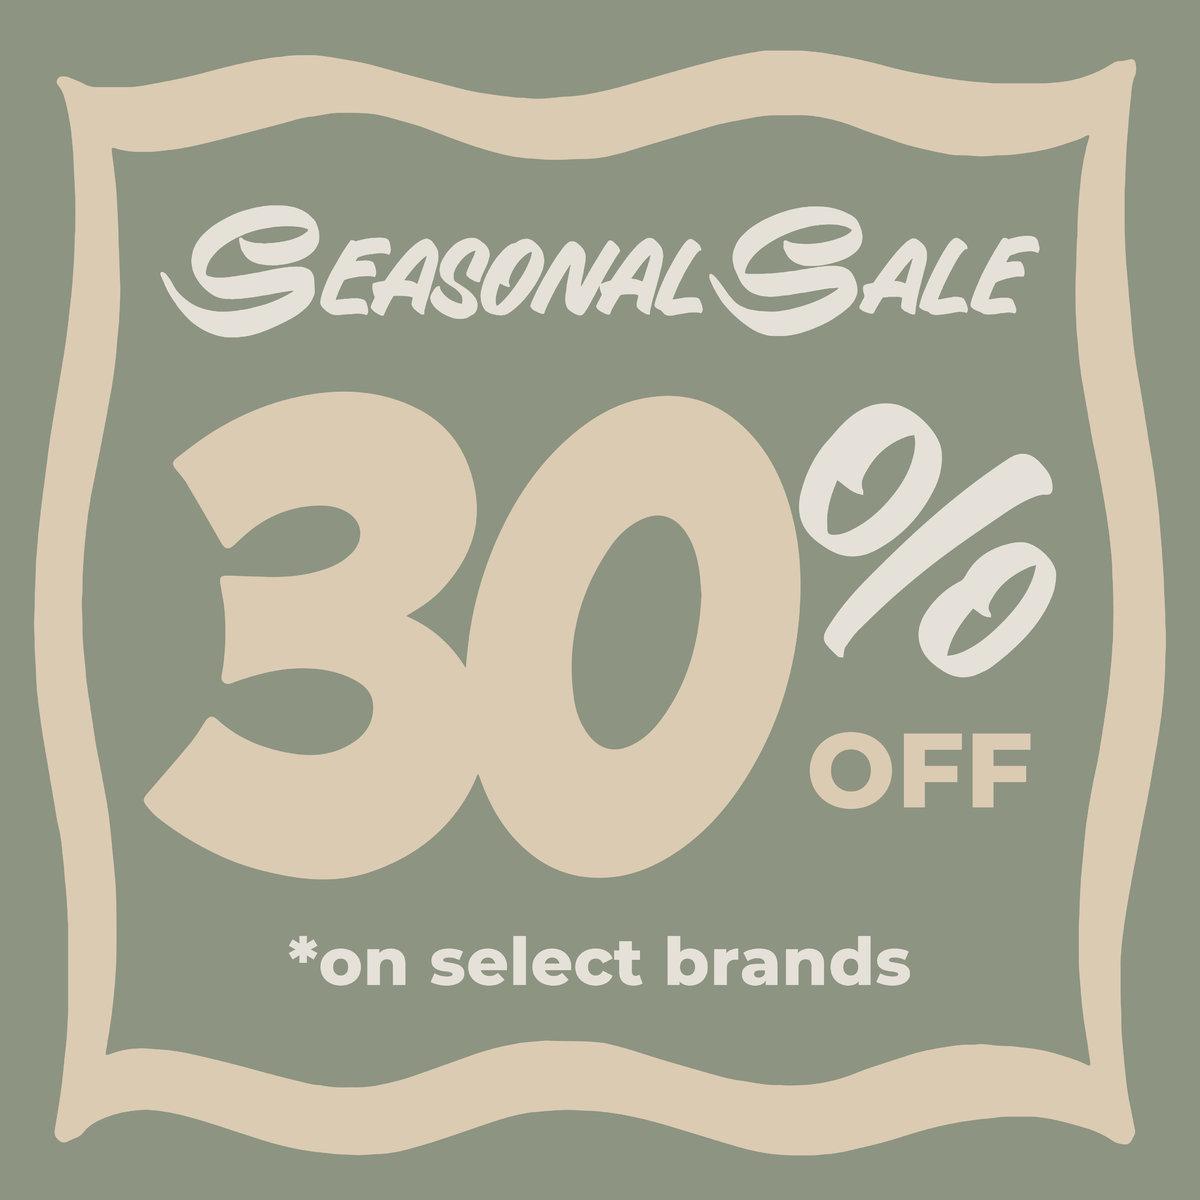 Seasonal Sale_Update-01.jpg